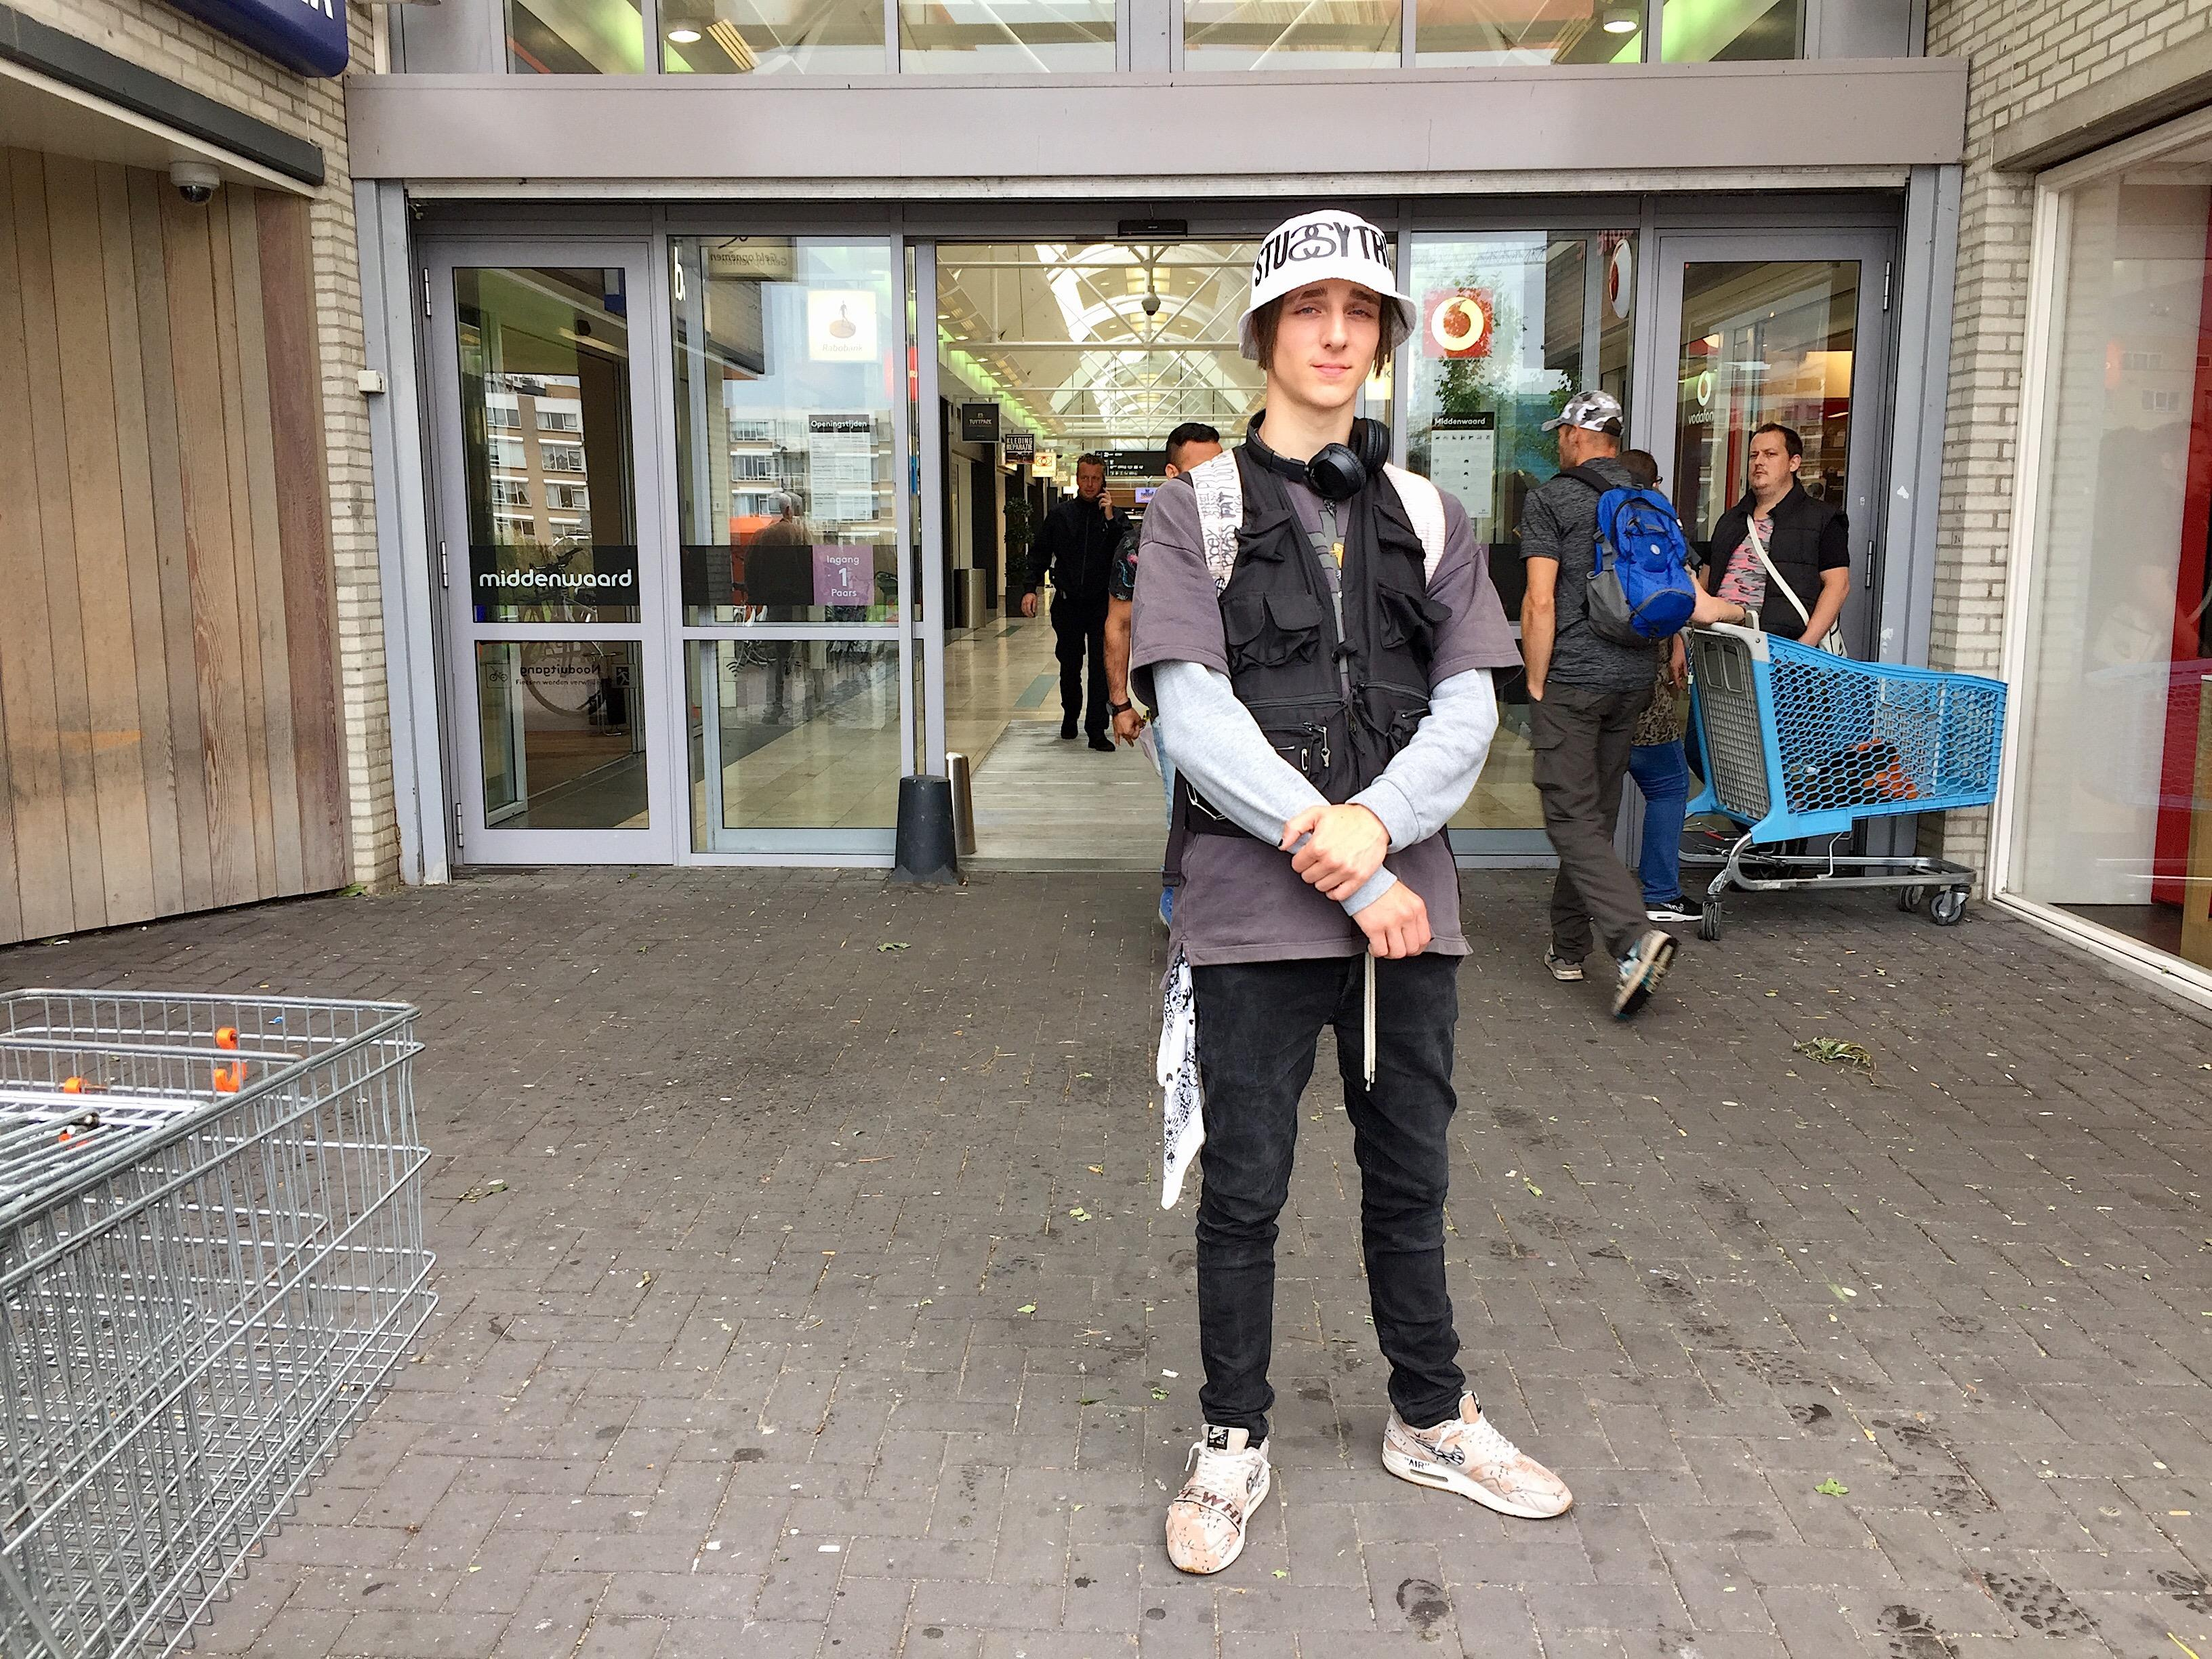 Onderweg: Van z'n zevende tot begin dit jaar had Mitchell Schoenmakers uit Heerhugowaard depressieve klachten. Het gaat nu beter met hem.